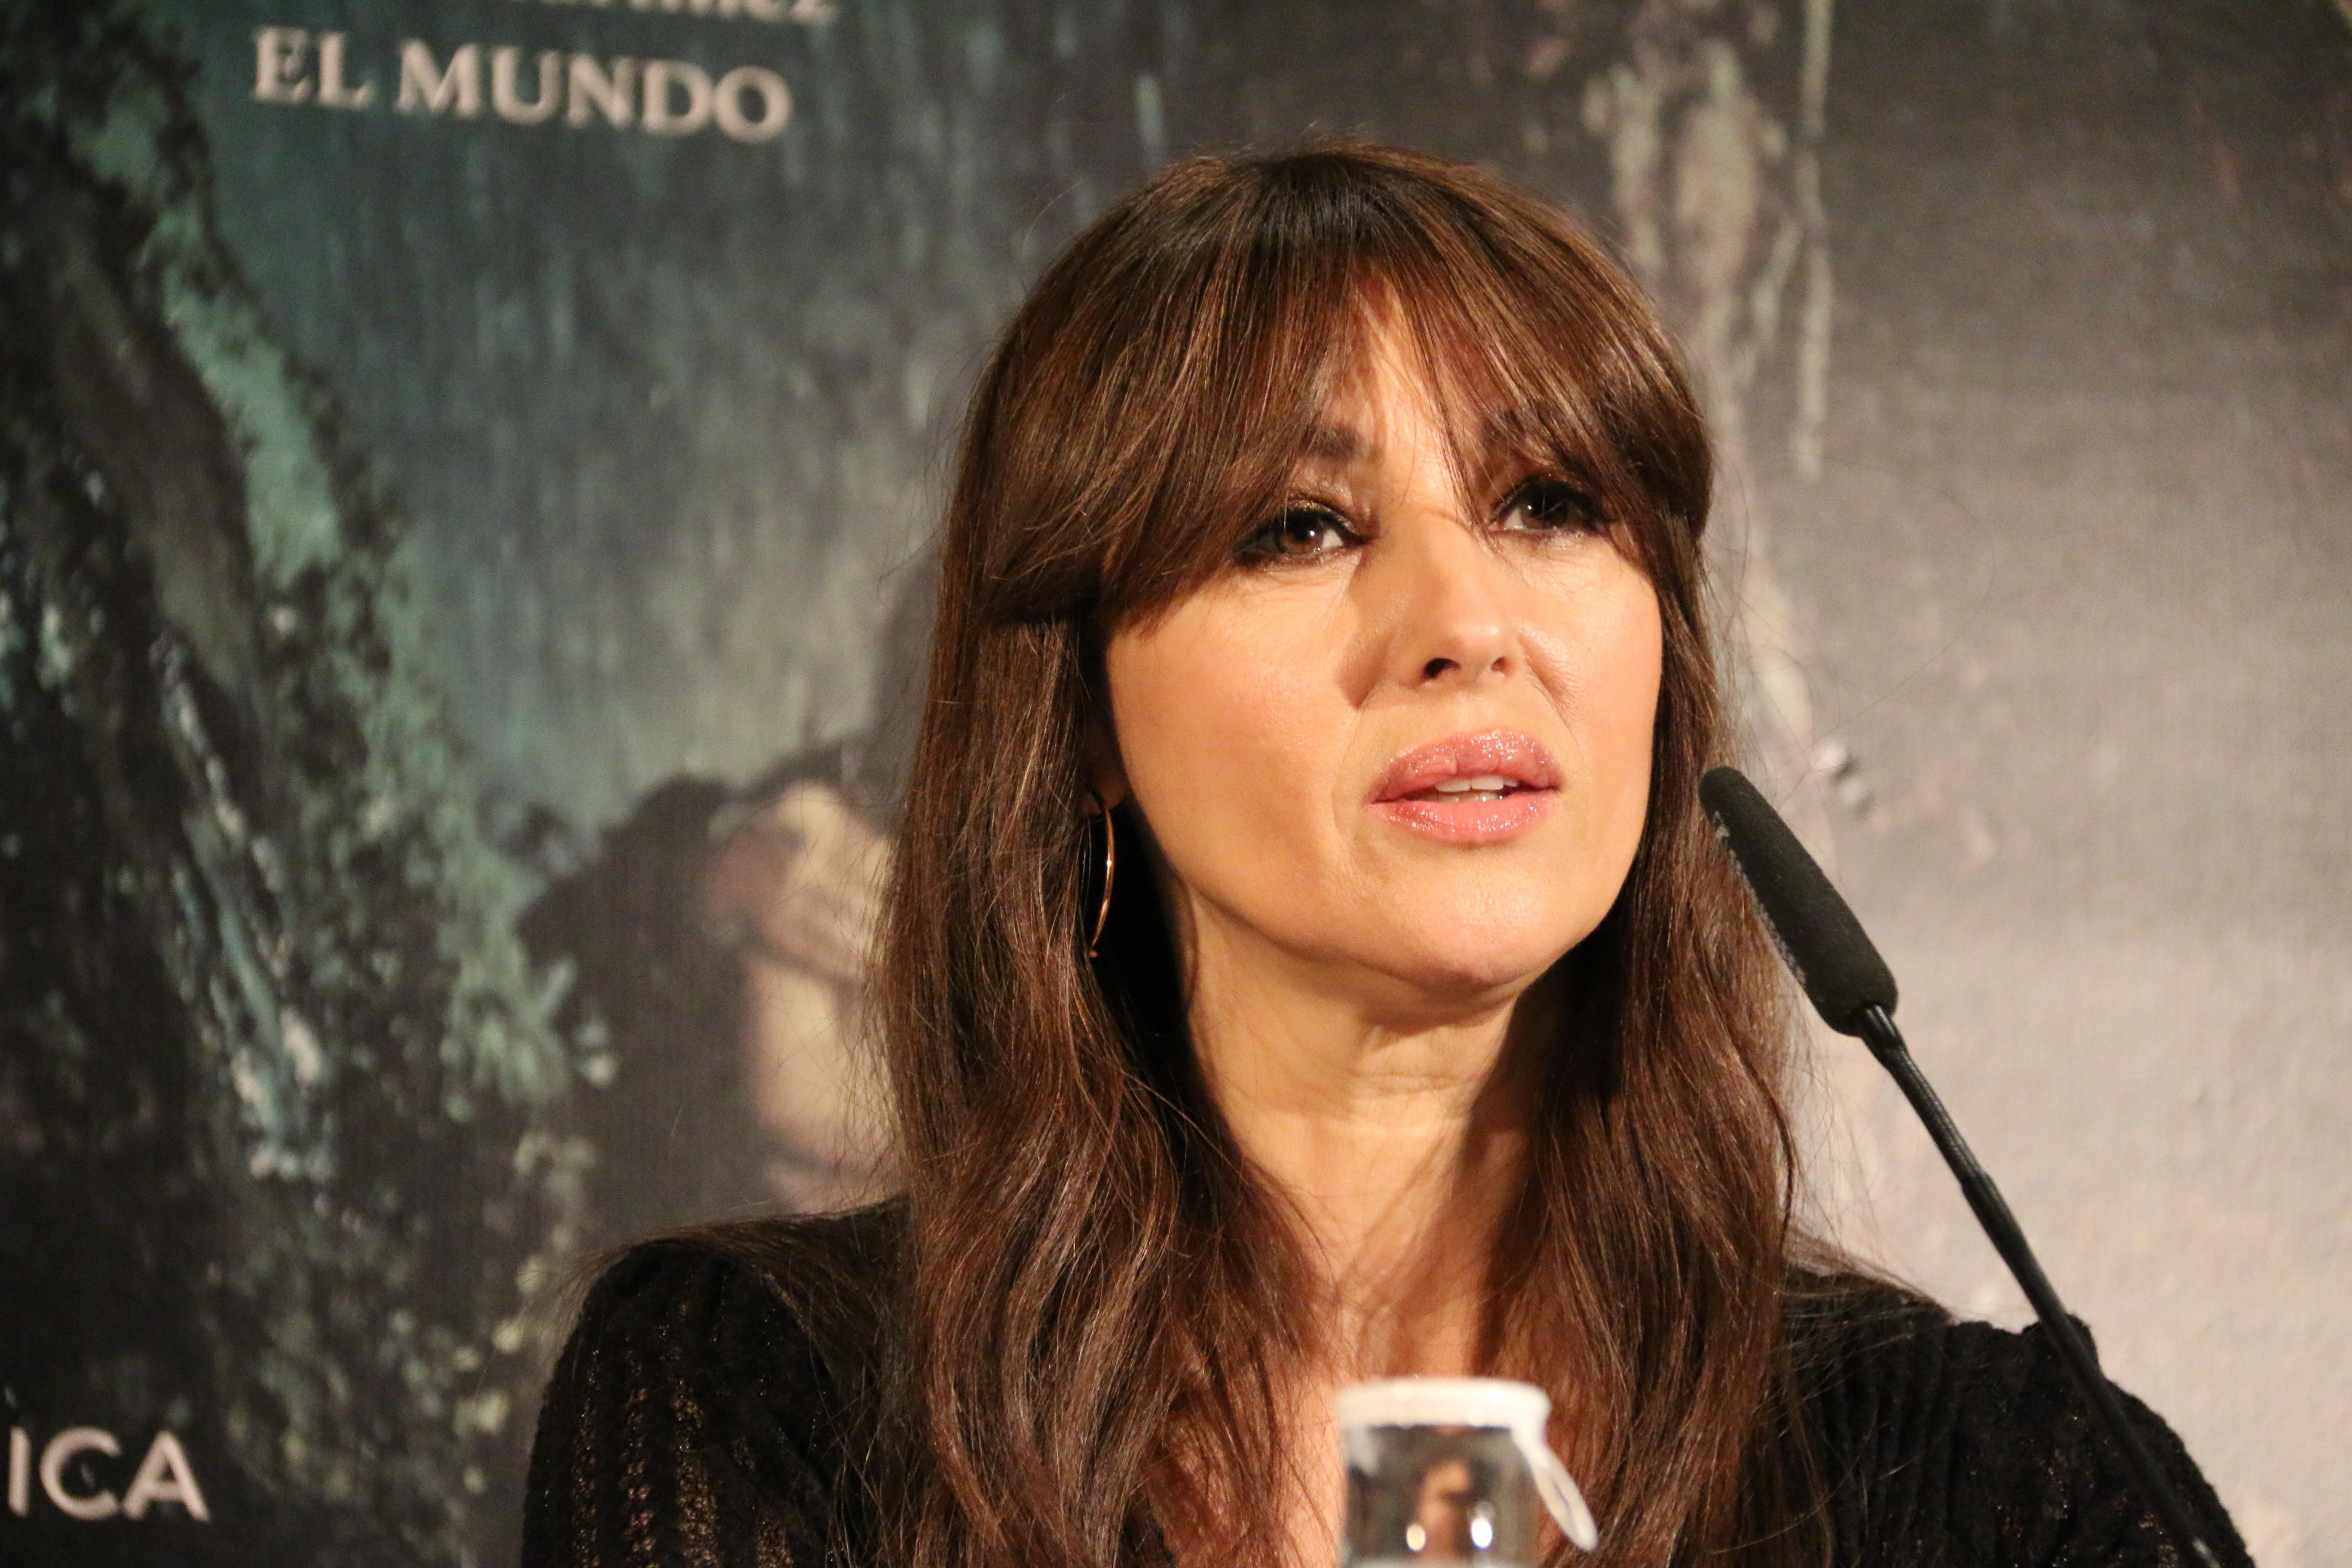 Mónica Bellucci durante la rueda de prensa 2